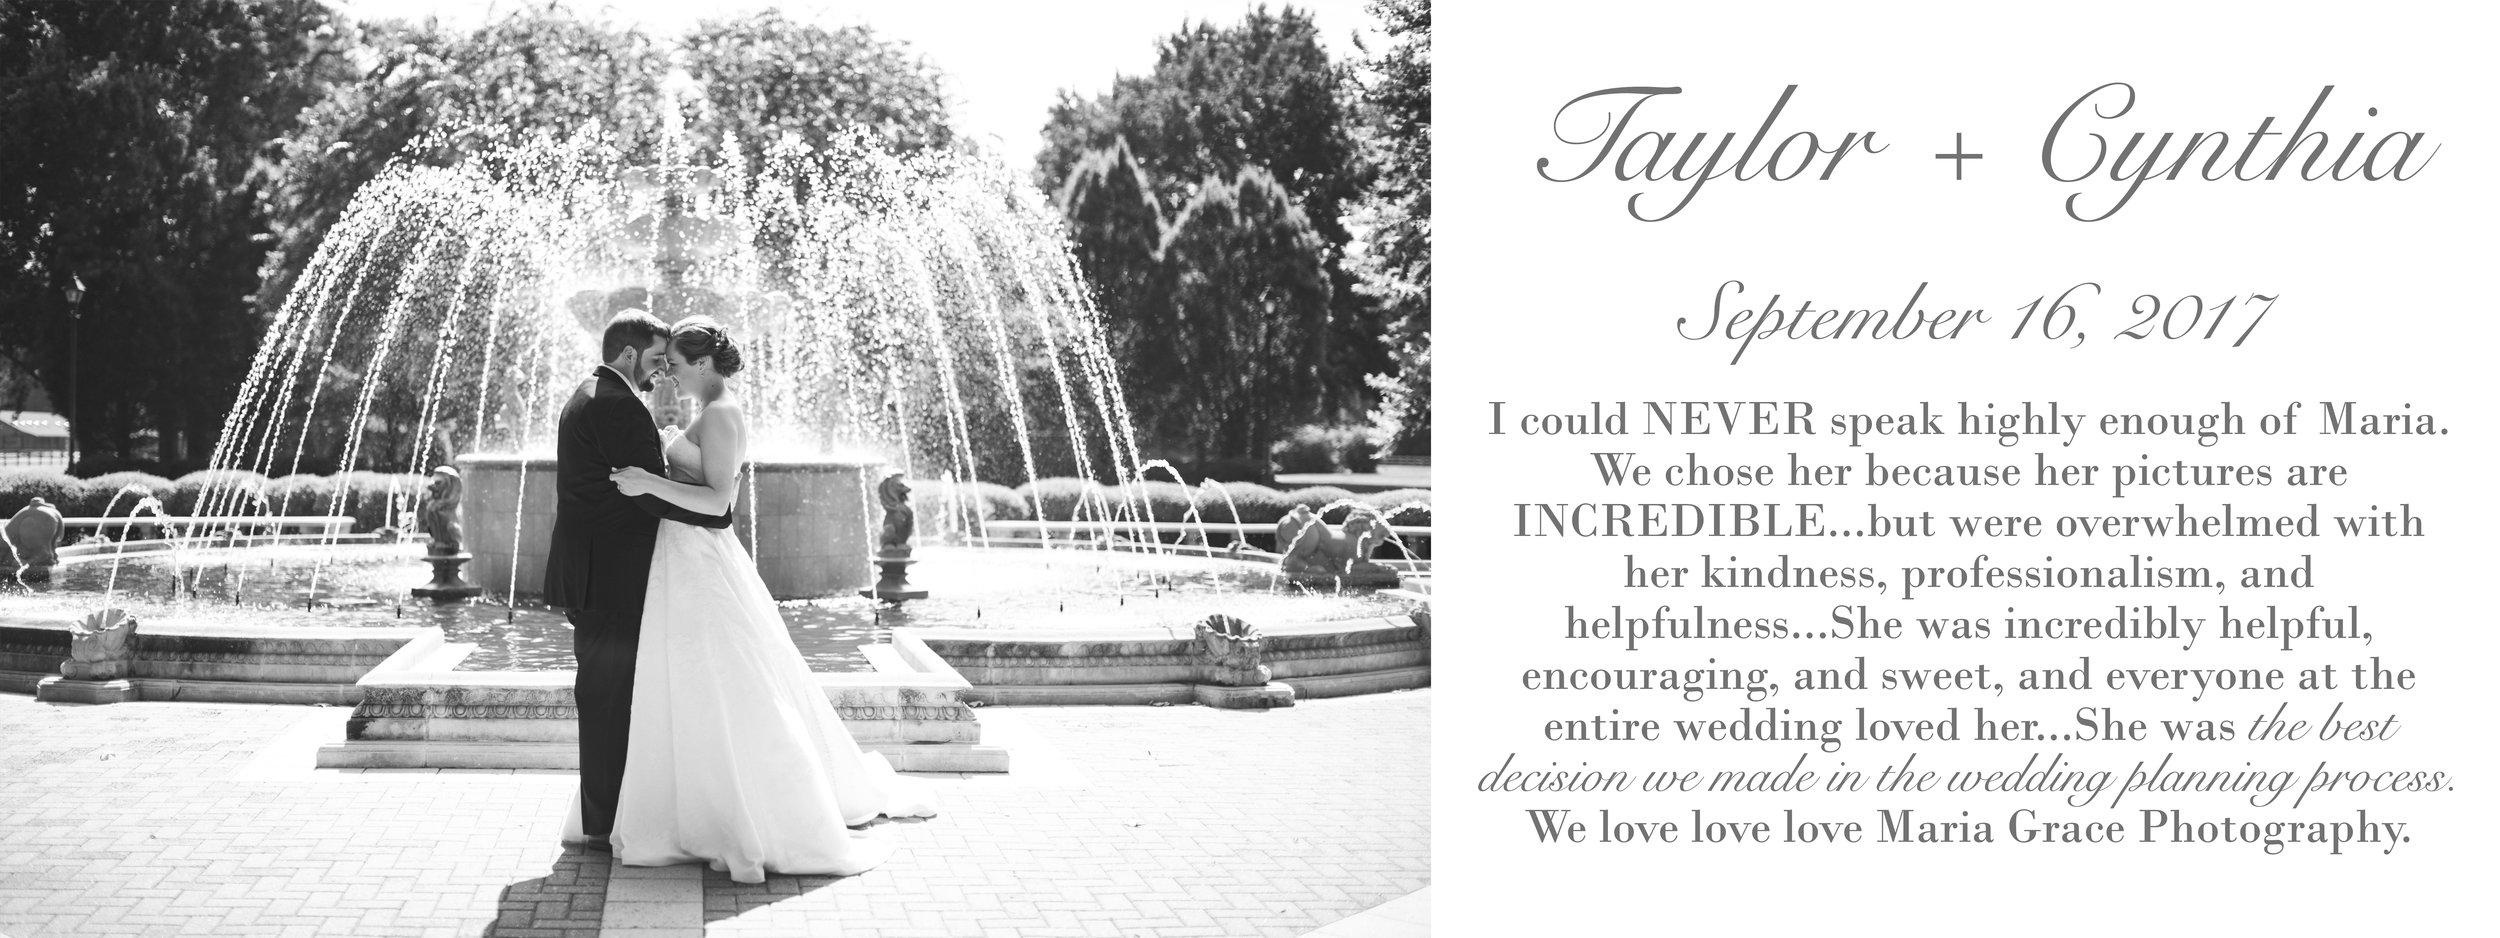 Taylor&Cynthia.jpg